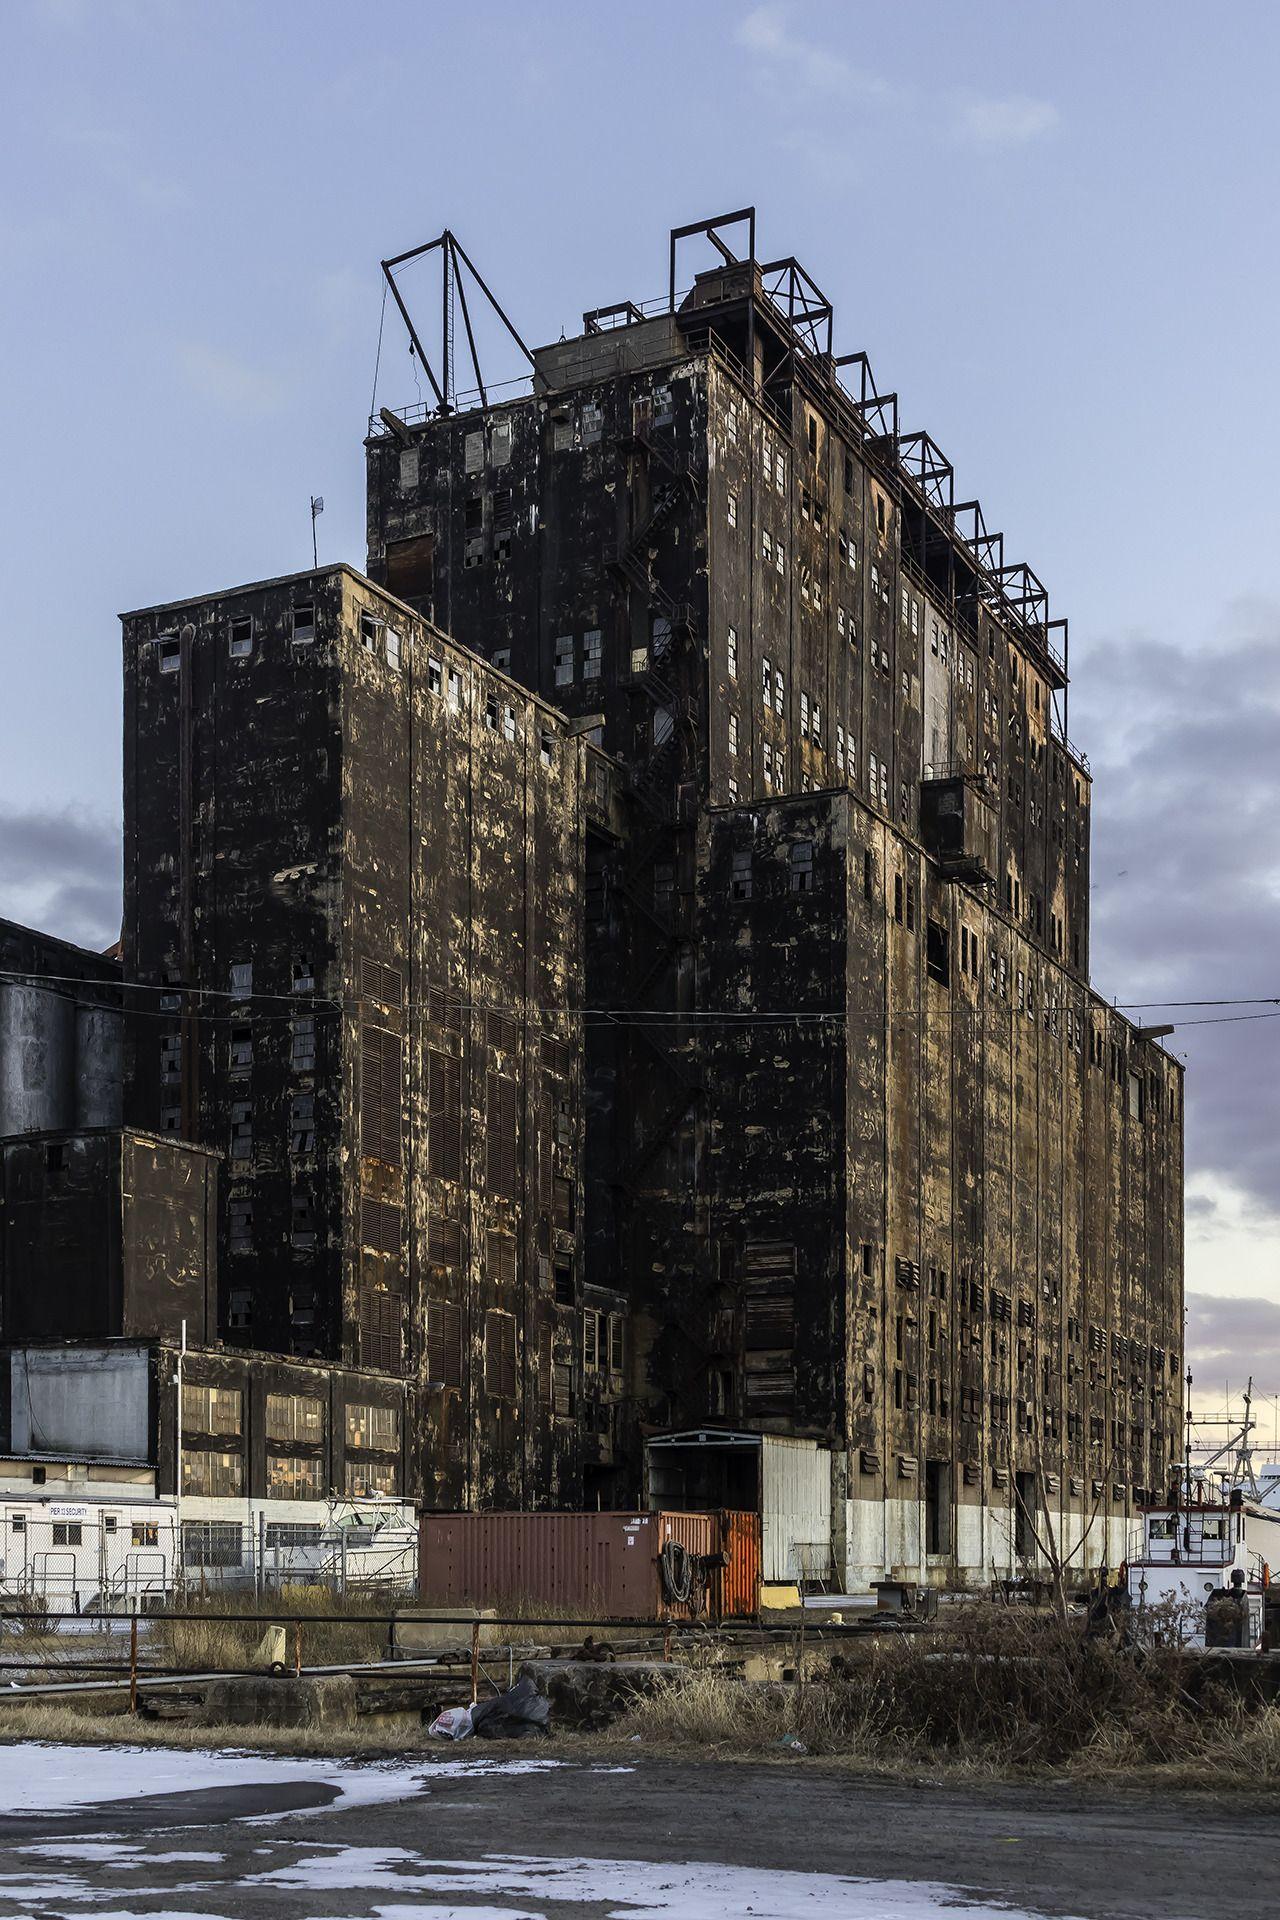 Patgavin Pennsylvania Railroad Grain Silo Featured In The Movie Power Relay Urbex Ladder 49 Newgate Ave Canton Baltimore Md